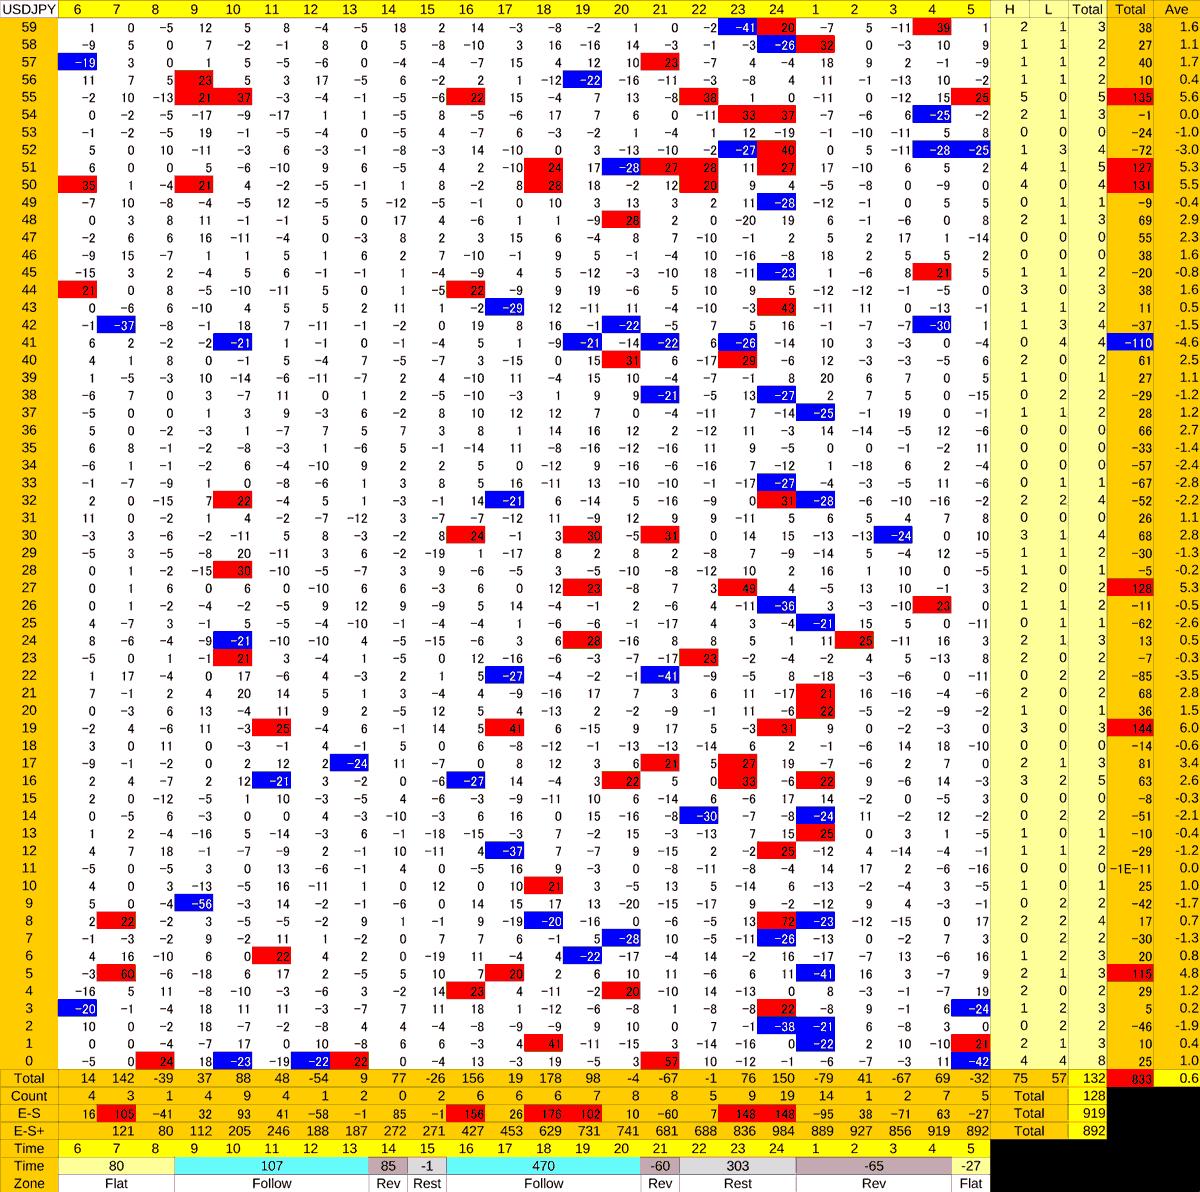 20210107_HS(1)USDJPY